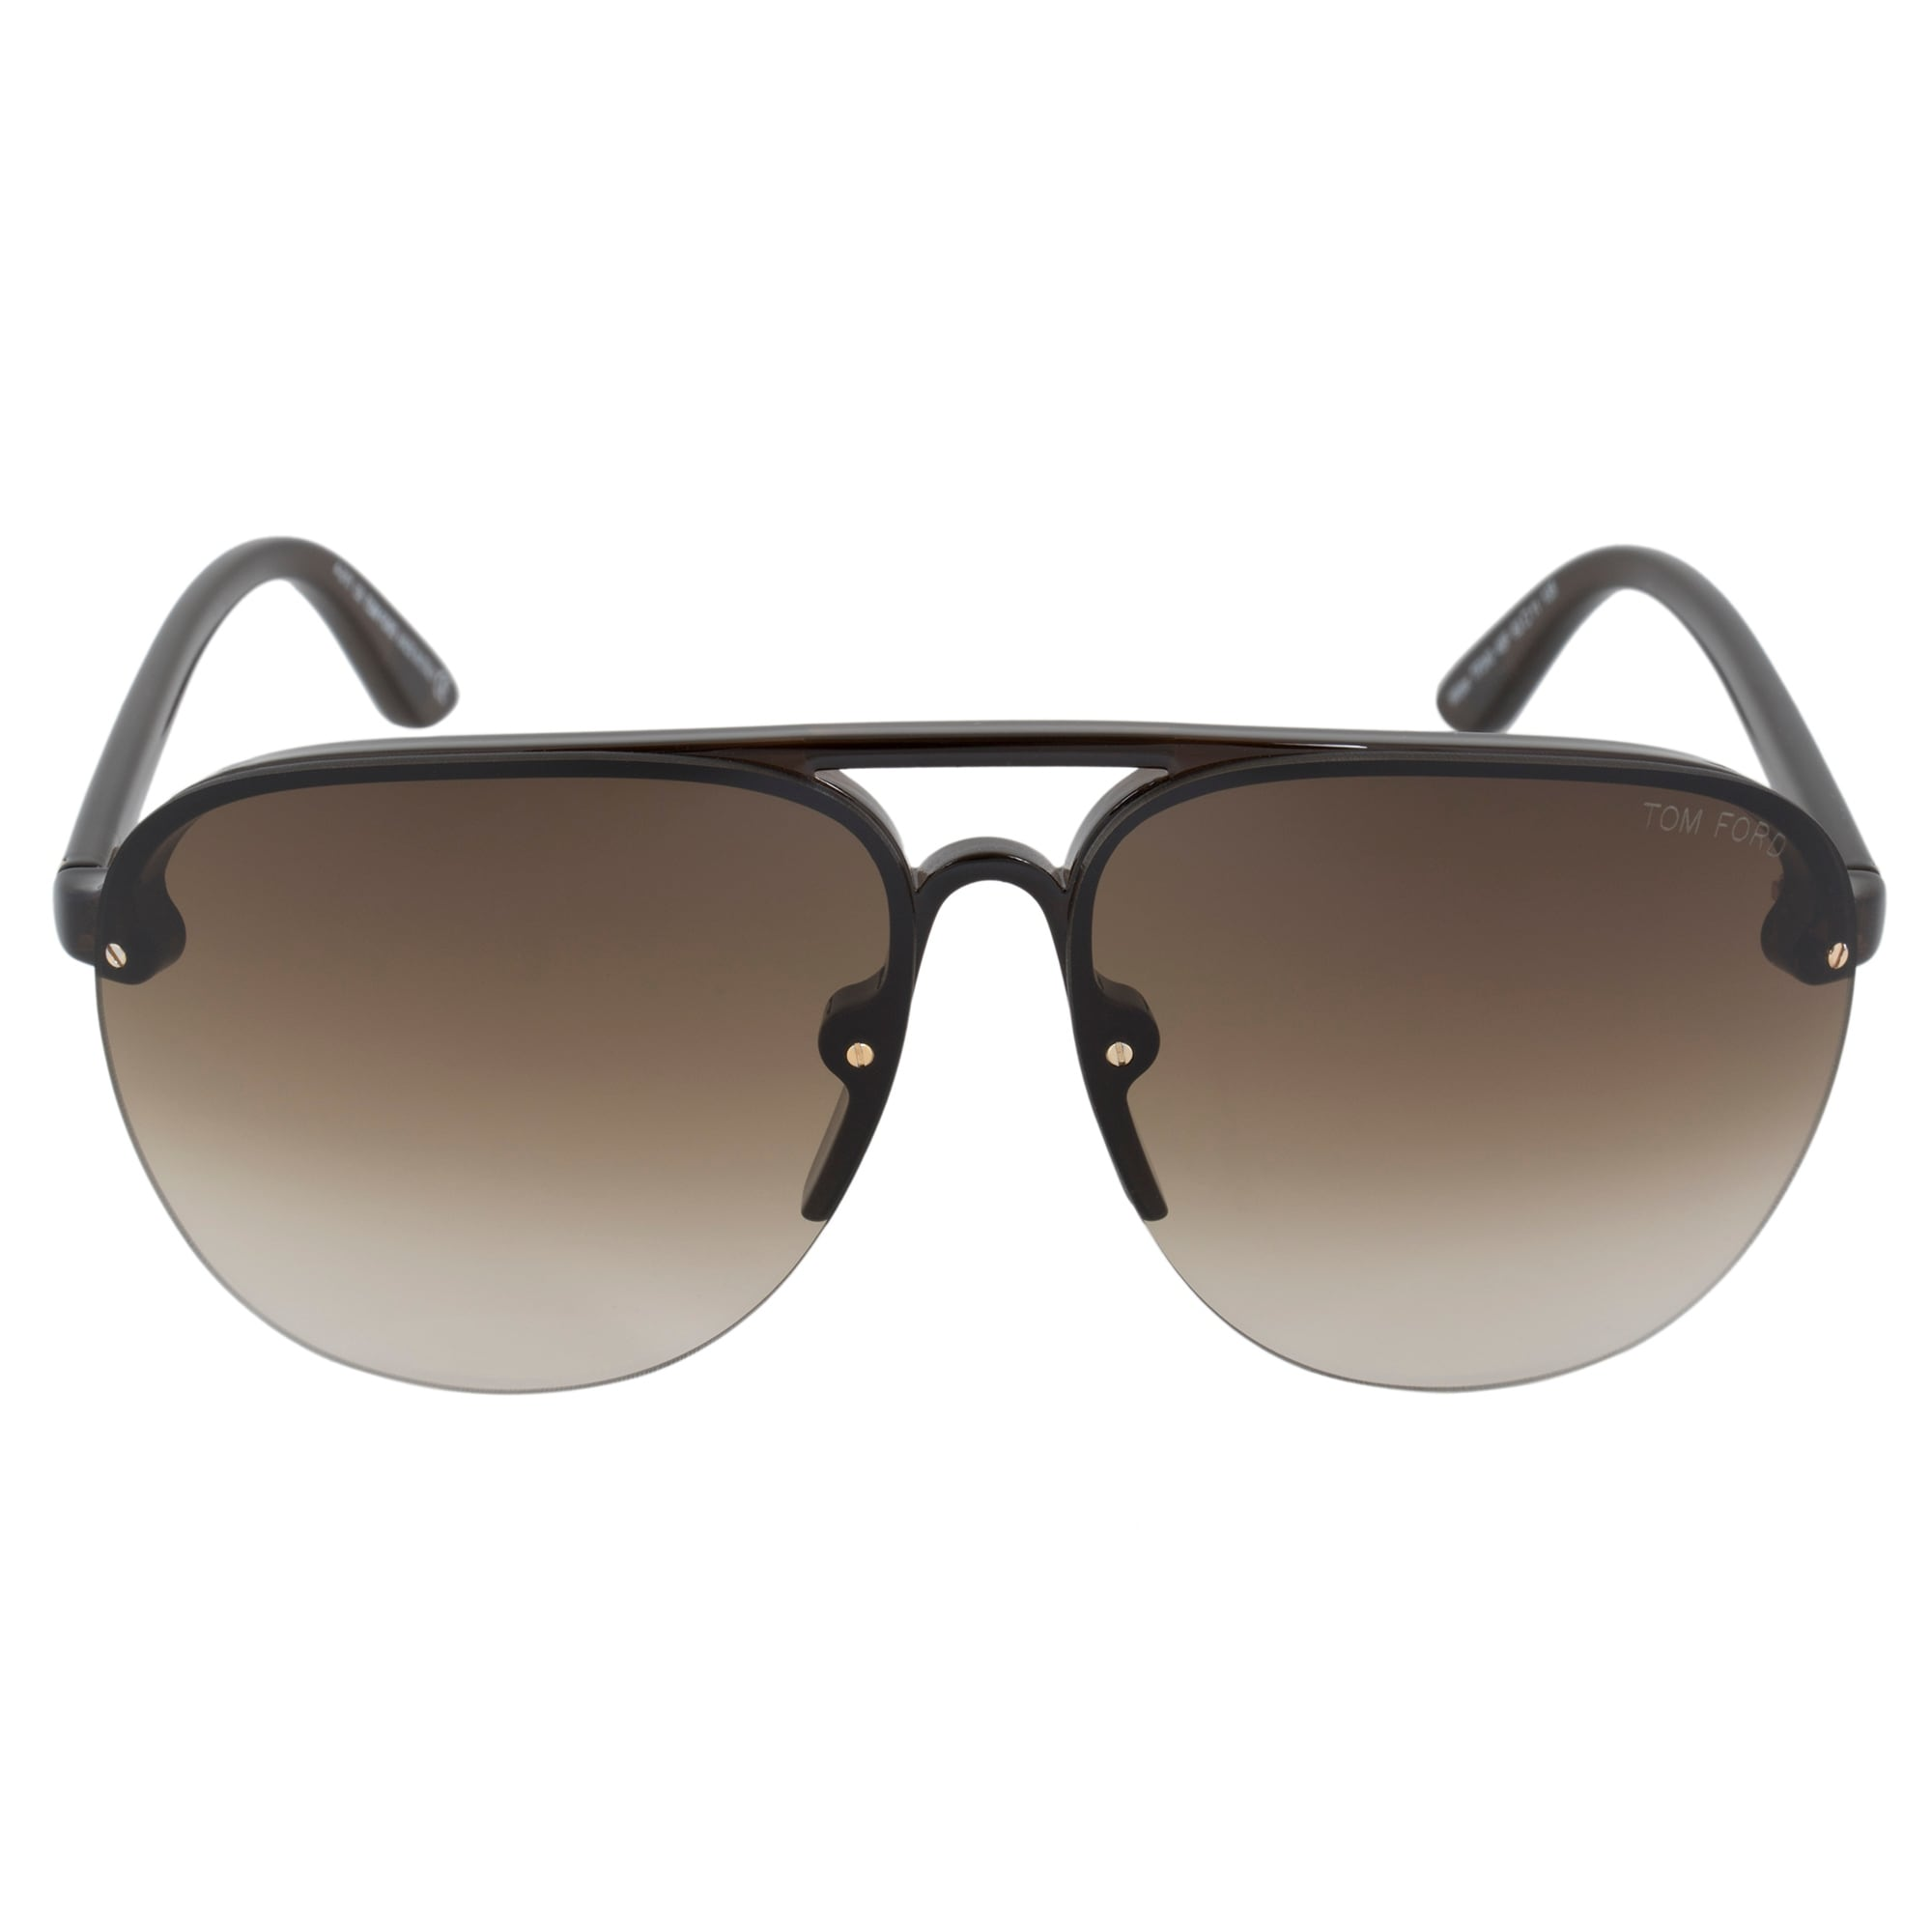 Shop Tom Ford Milan Men S Aviator Sunglasses Ft0238 09j 64 Overstock 21408834